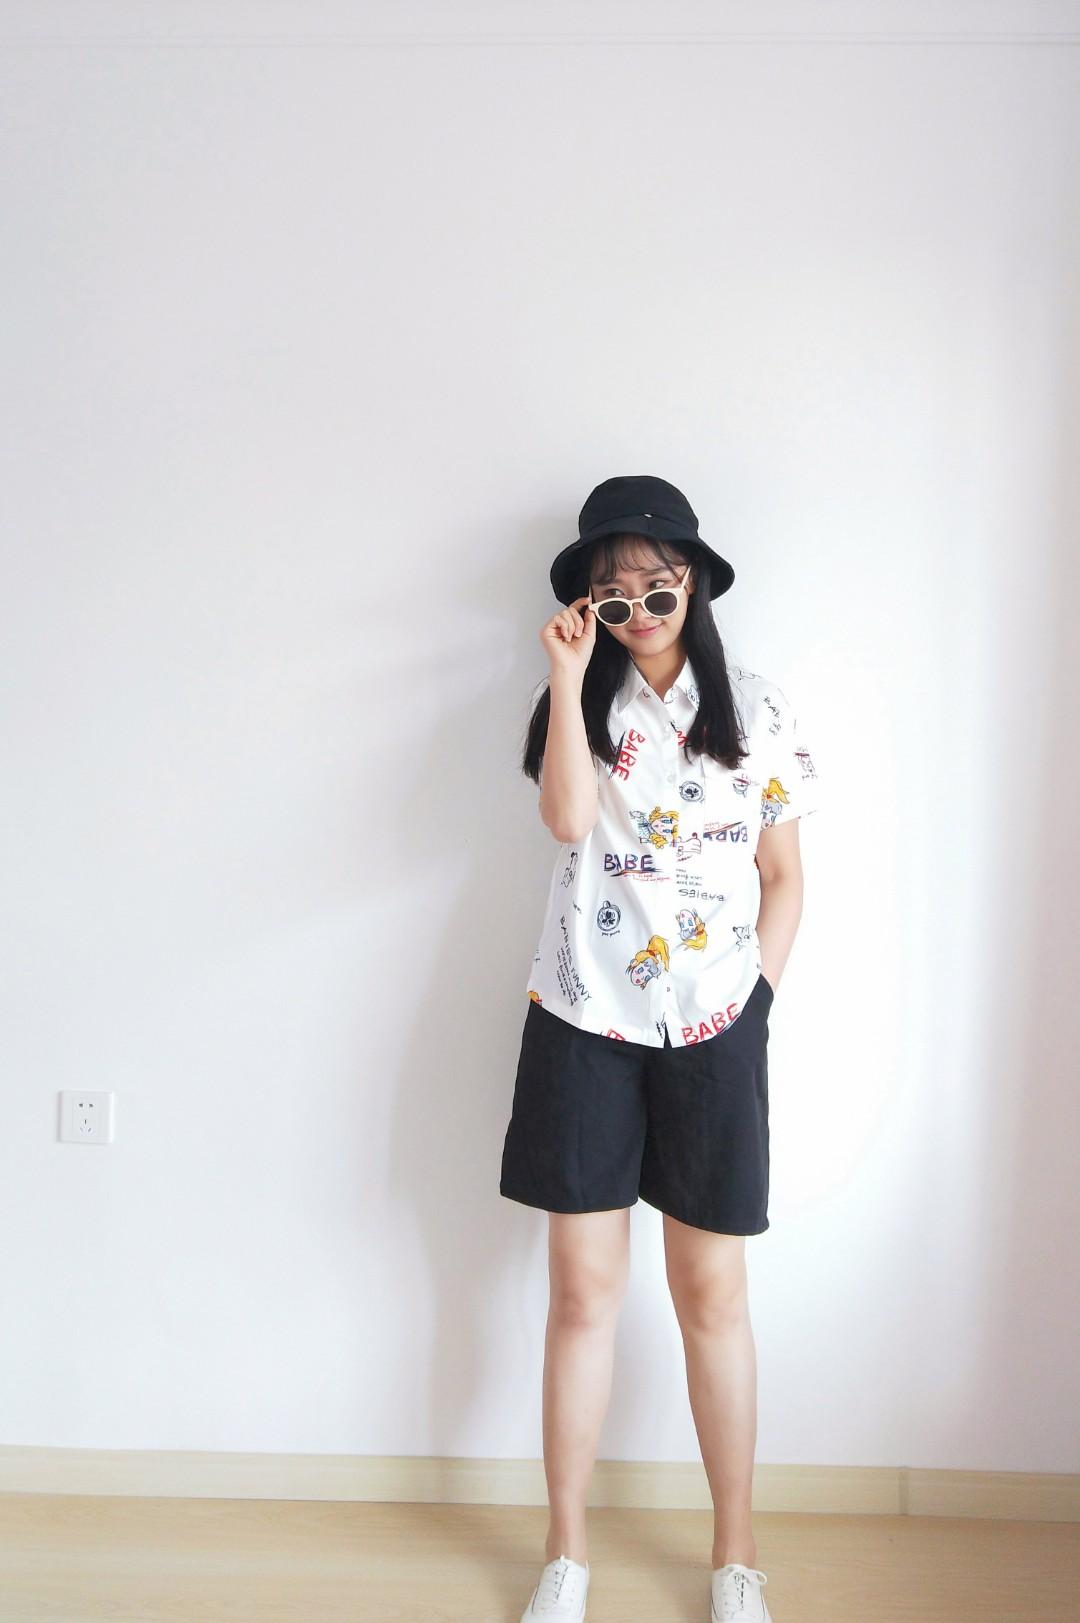 #不好惹女孩穿搭,A爆!#又是一套经典帅爆的黑白搭。上衣翻领衬衫,白底卡通字母图案,可爱又俏皮,短裤与帽子选择黑色,与上衣呈现反差对比,墨镜白边黑镜,符合这套穿搭主题,成为一道亮点。